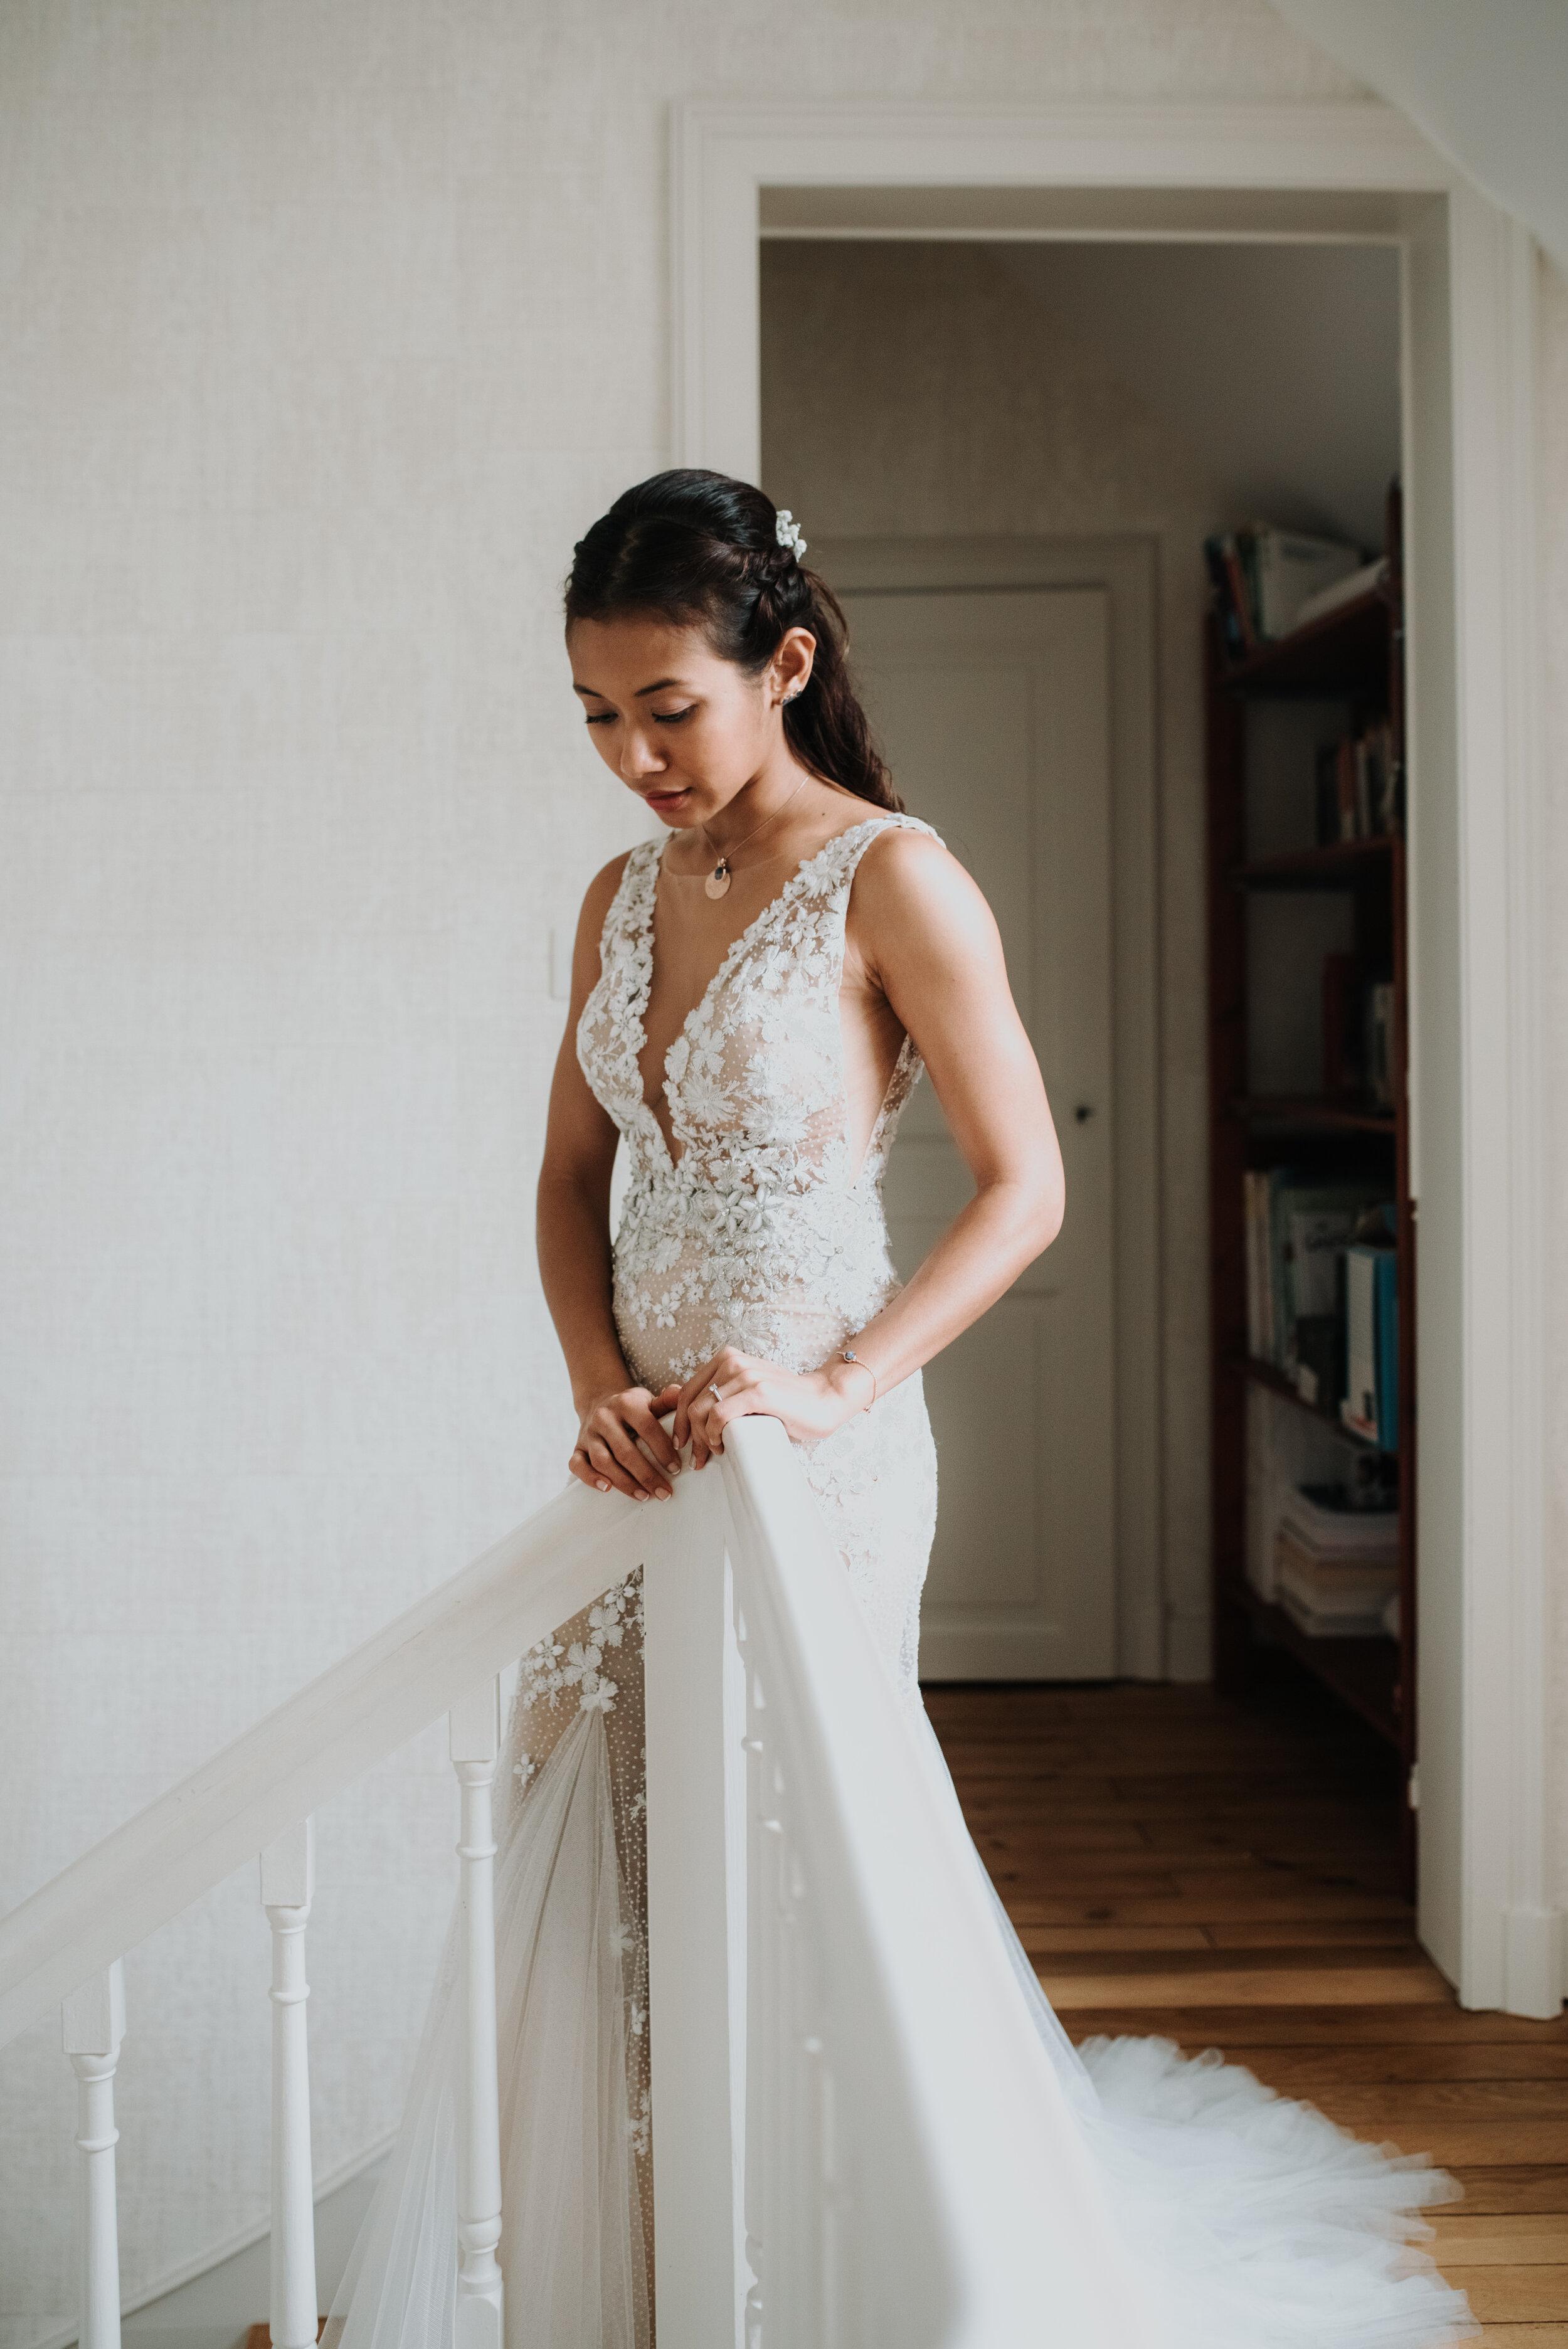 Léa-Fery-photographe-professionnel-Bretagne-portrait-creation-mariage-evenement-evenementiel-famille-2394.jpg